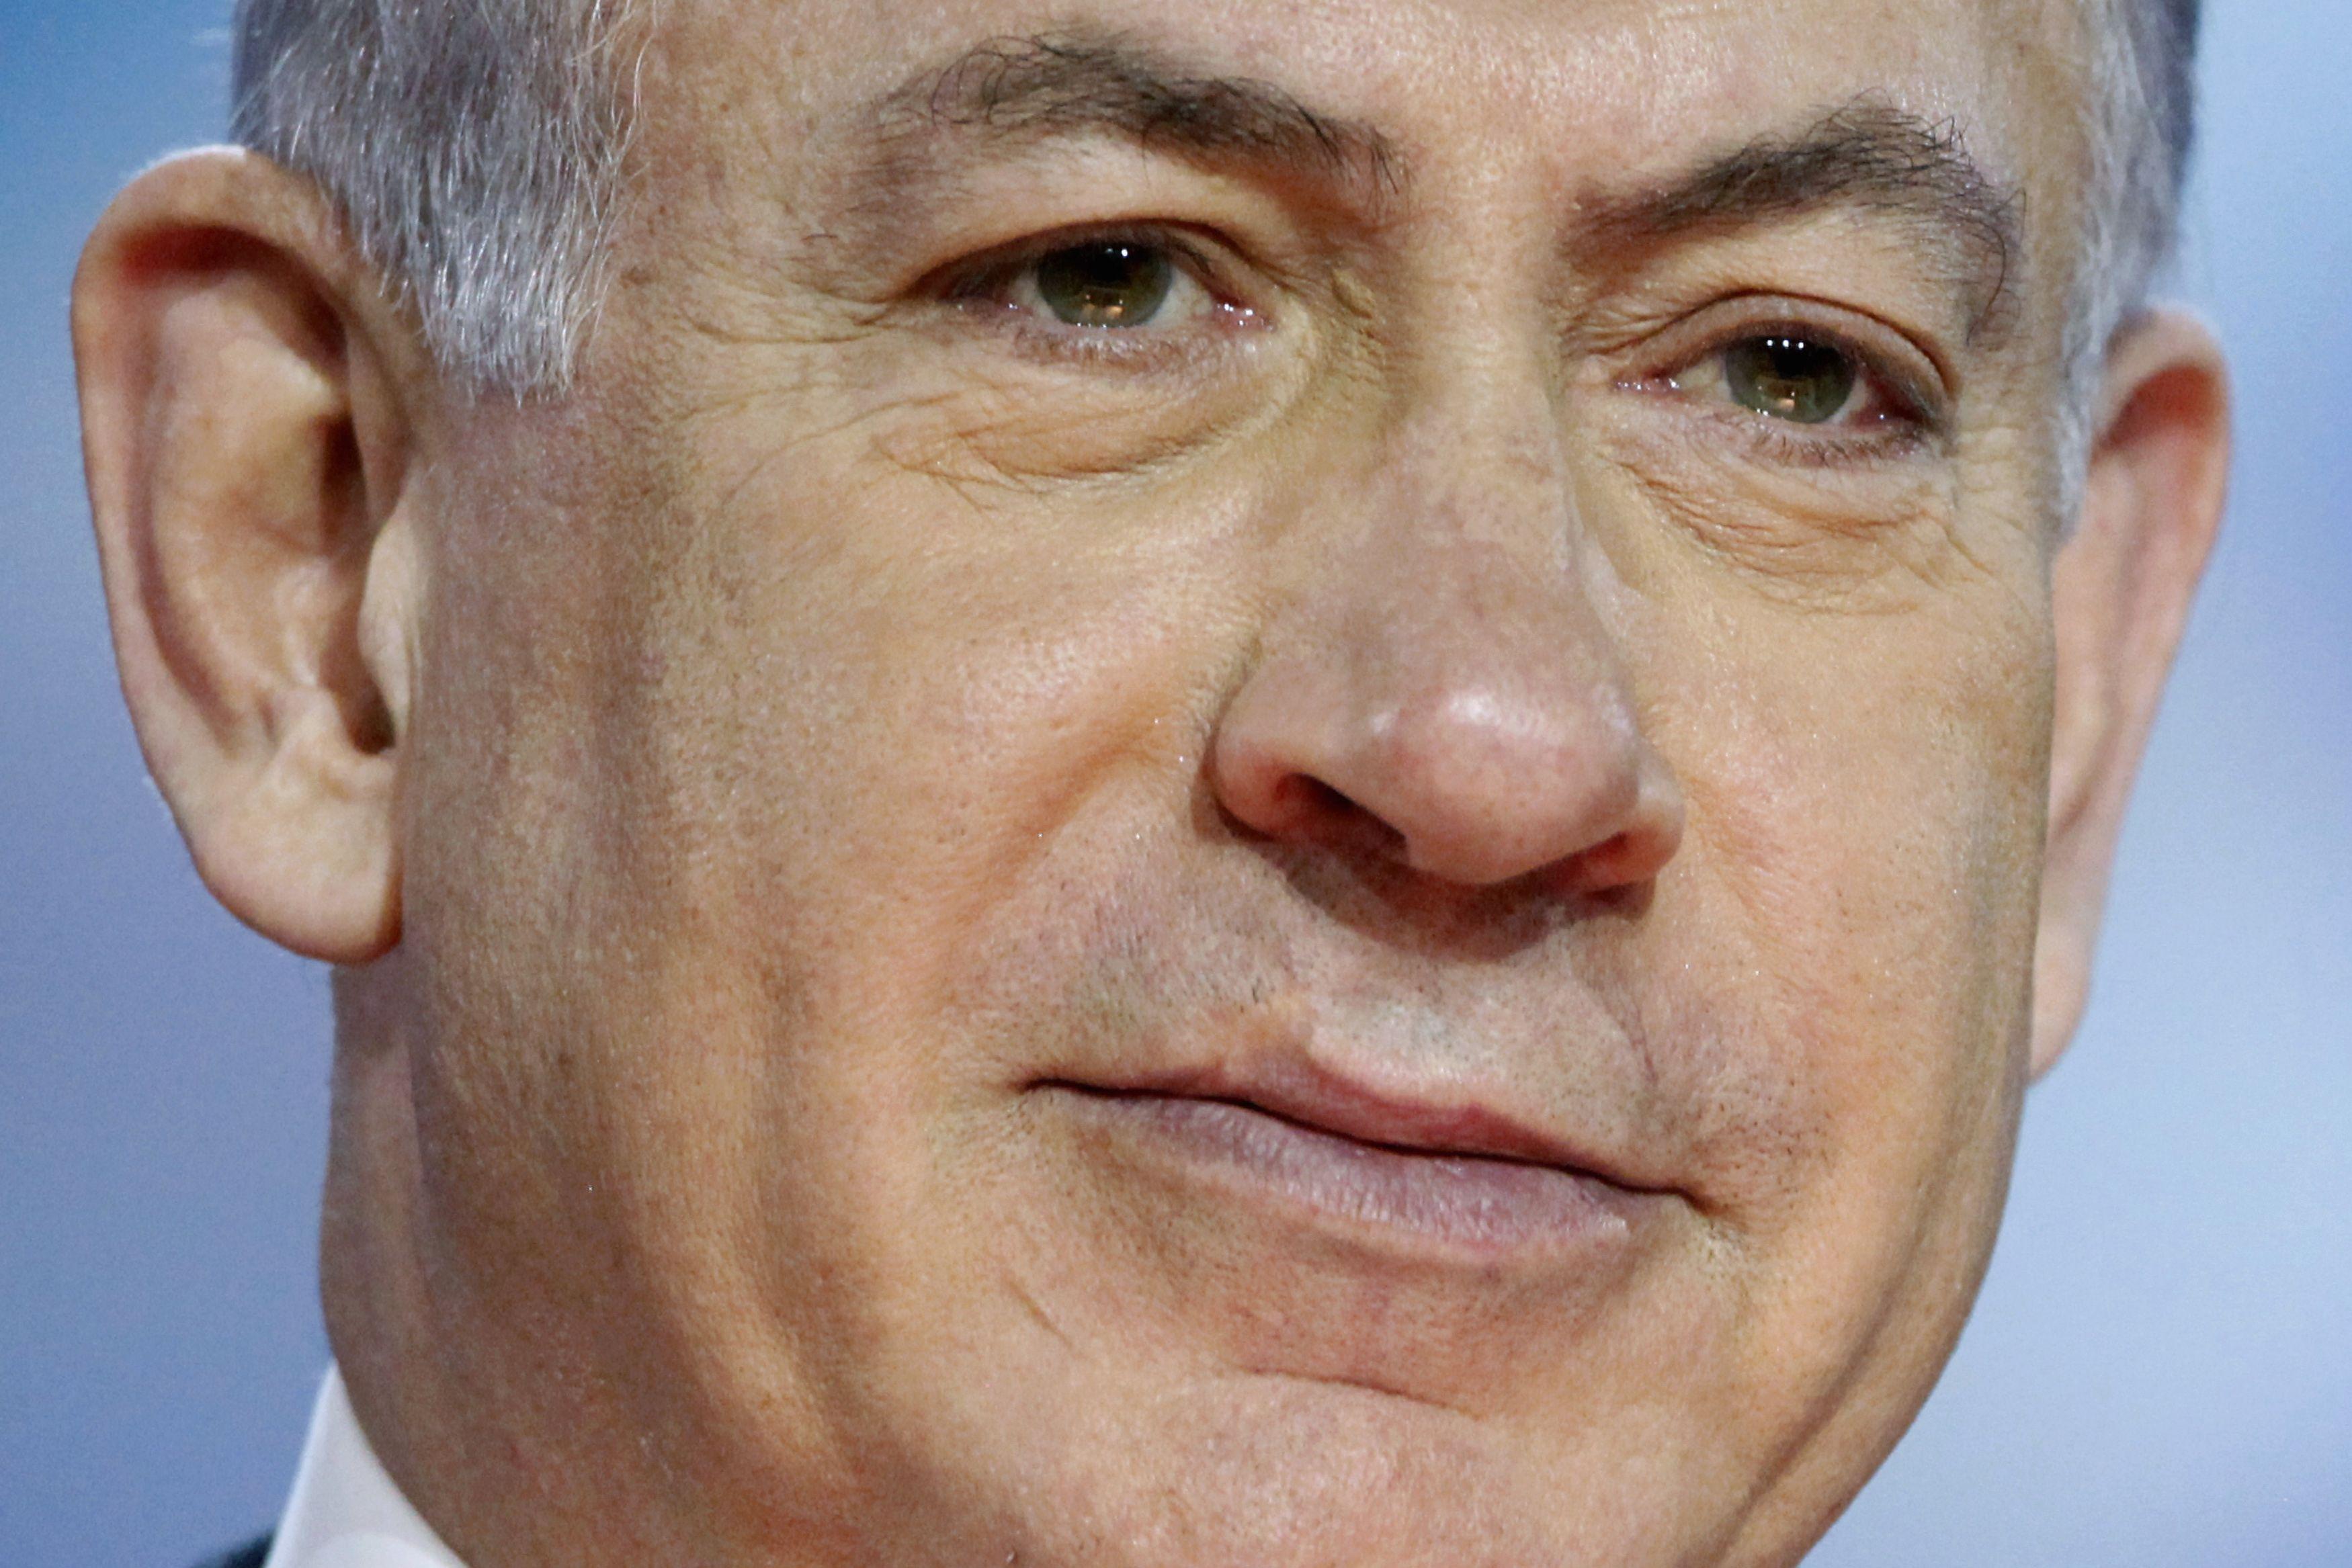 Israël : Benyamin Nétanyahou promet d'annexer les colonies en Cisjordanie s'il est réélu